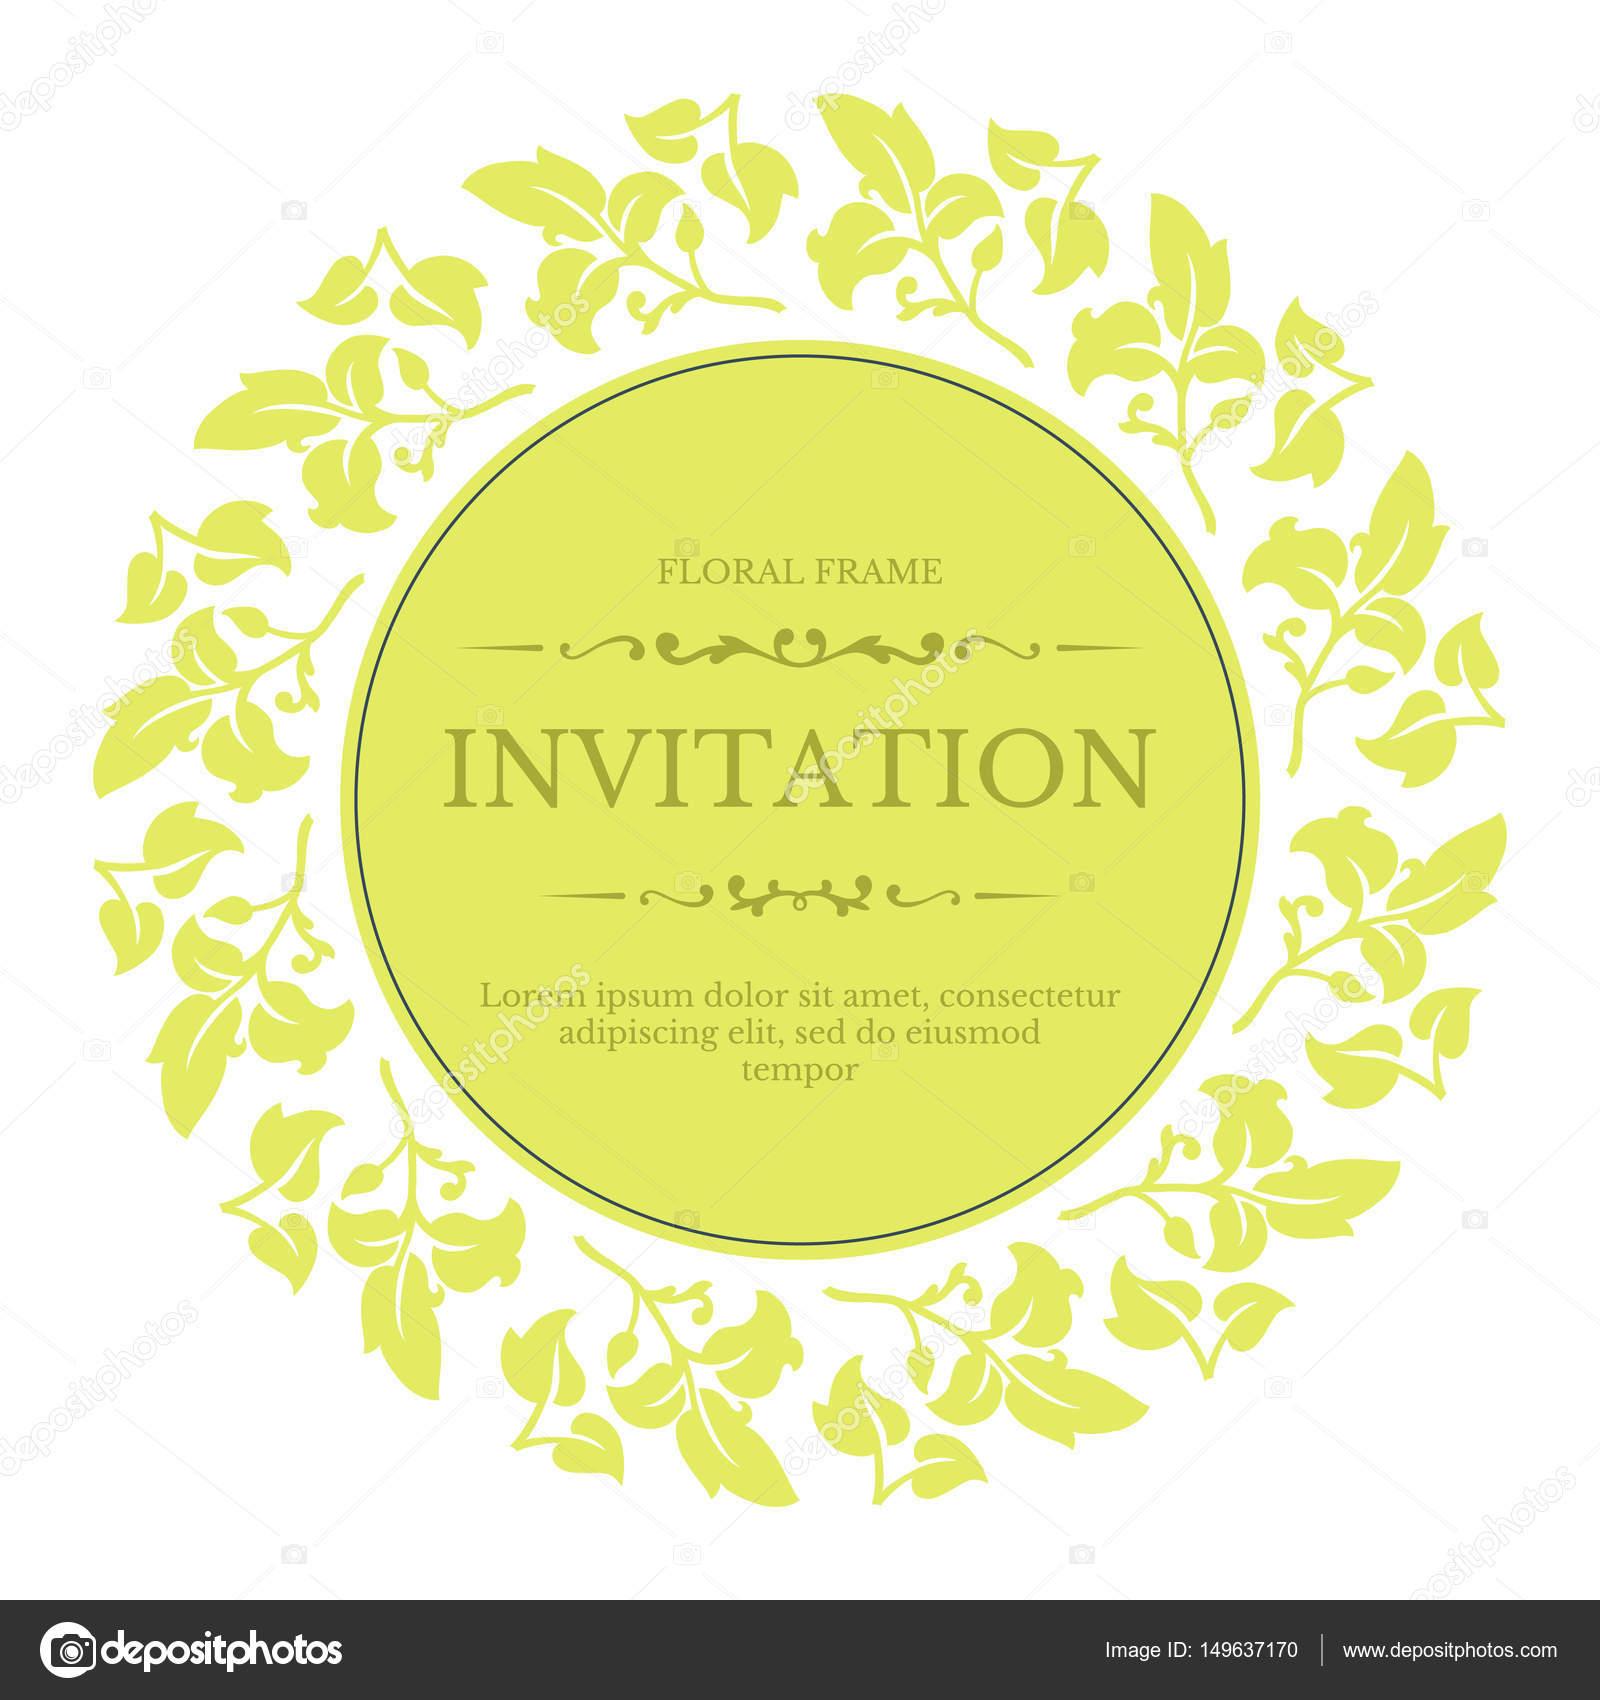 f33658f6c296 Conception élégante invitation festive floral dans le style classique —  Image vectorielle